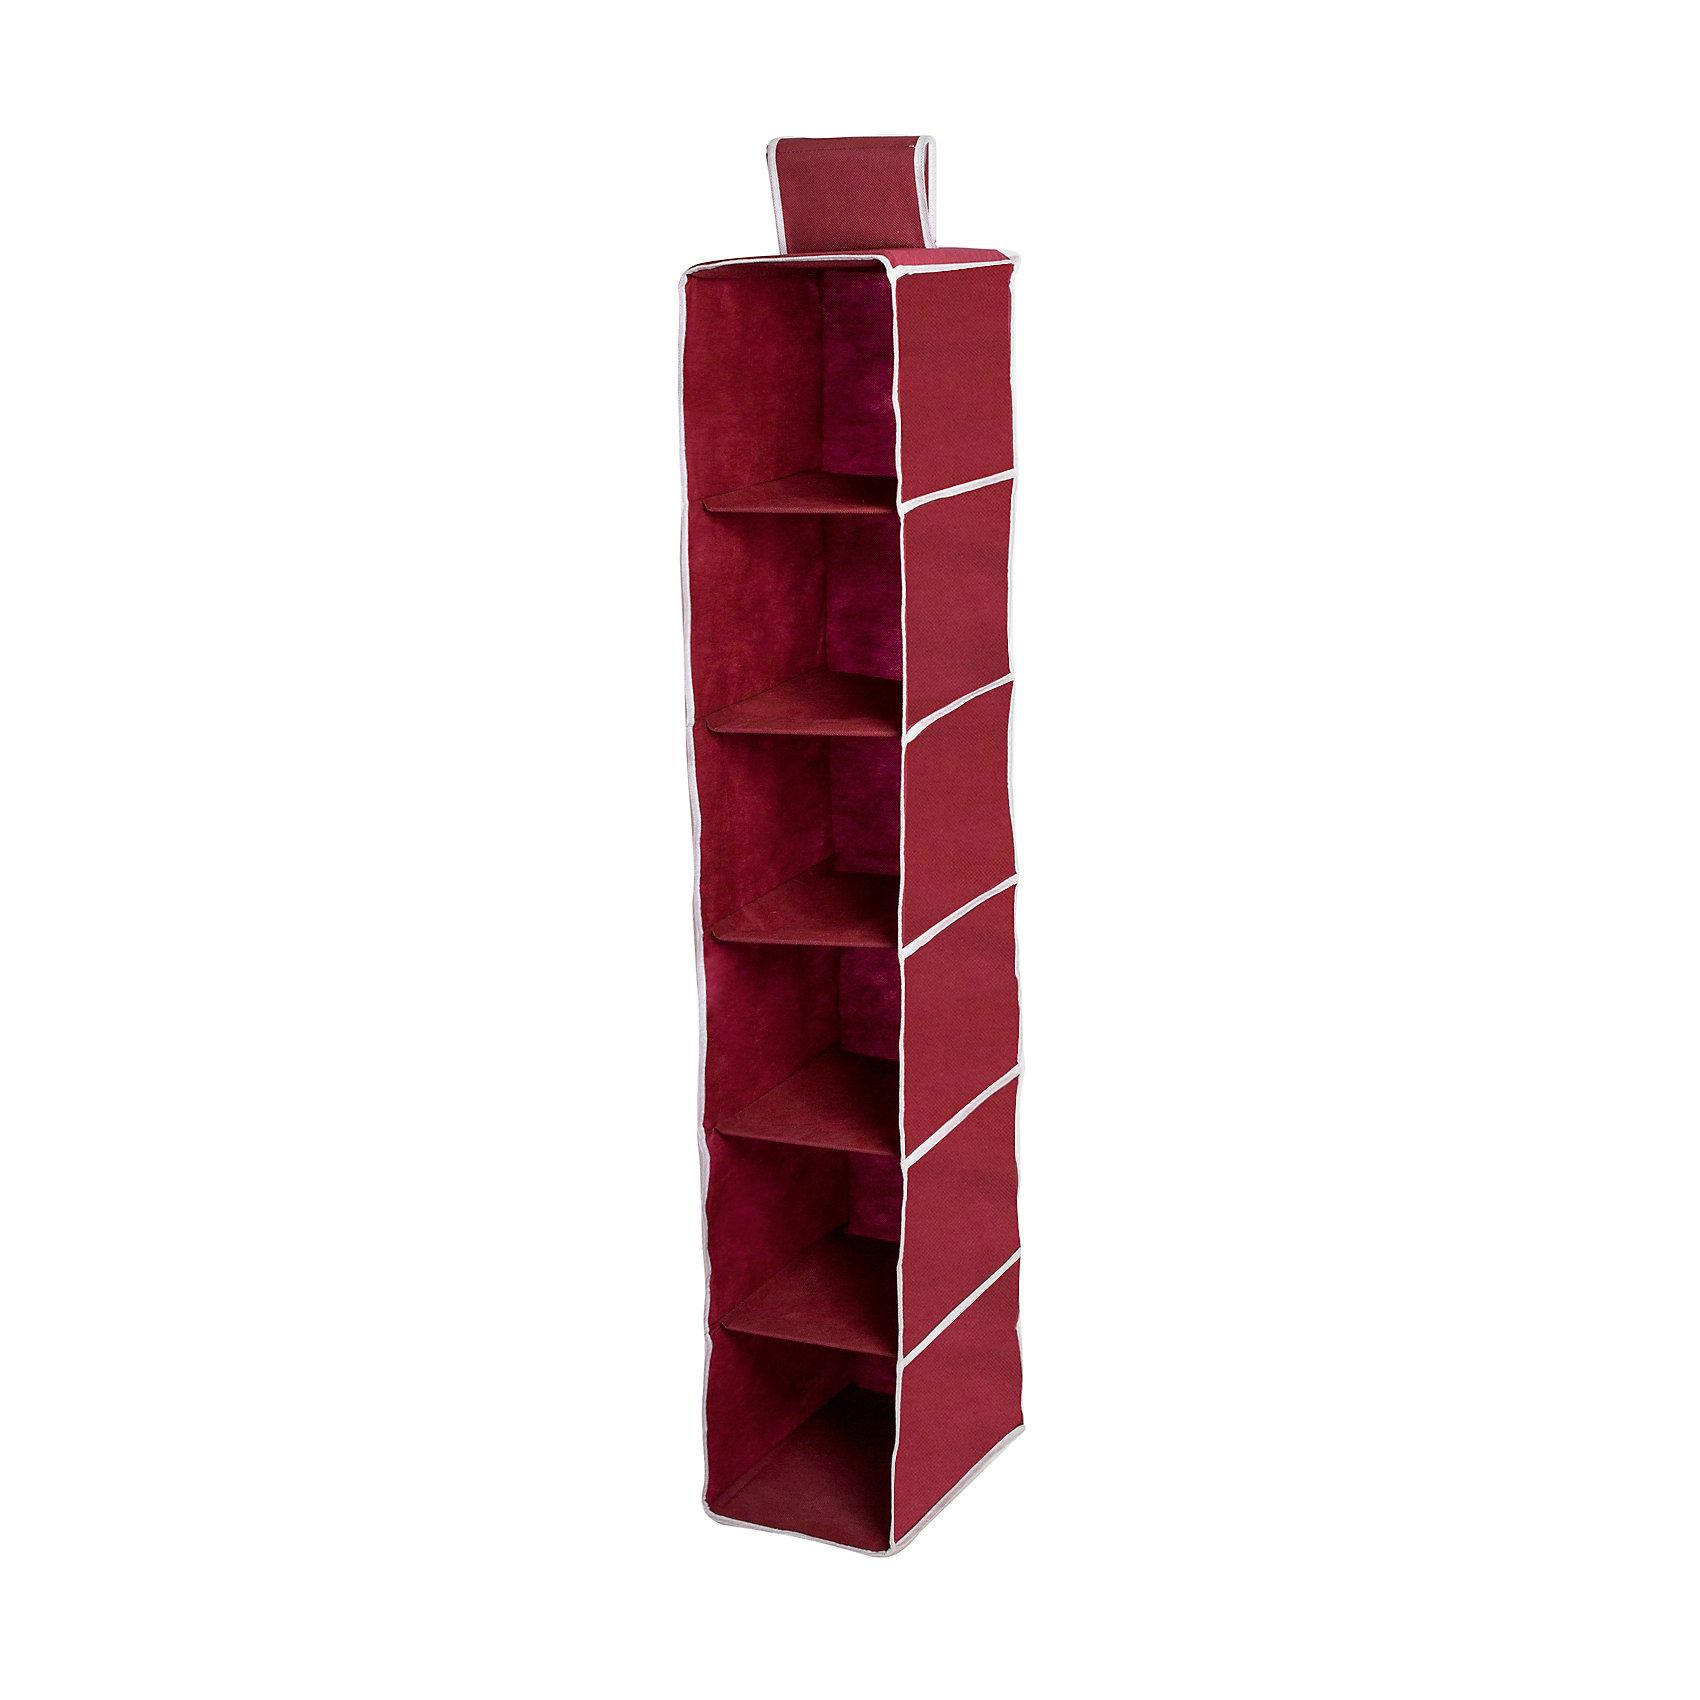 Органайзер подвесной в шкаф Red Rose, HomsuПорядок в детской<br>Подвесной органайзер имеет 6 раздельных ячеек размером 30Х20см, очень удобен для хранения вещей в вашем шкафу. Идеально для колготок, шапок, шарфов, мелочей и других вещей ежедневного пользования.<br><br>Ширина мм: 300<br>Глубина мм: 250<br>Высота мм: 20<br>Вес г: 500<br>Возраст от месяцев: 216<br>Возраст до месяцев: 1188<br>Пол: Унисекс<br>Возраст: Детский<br>SKU: 5620239